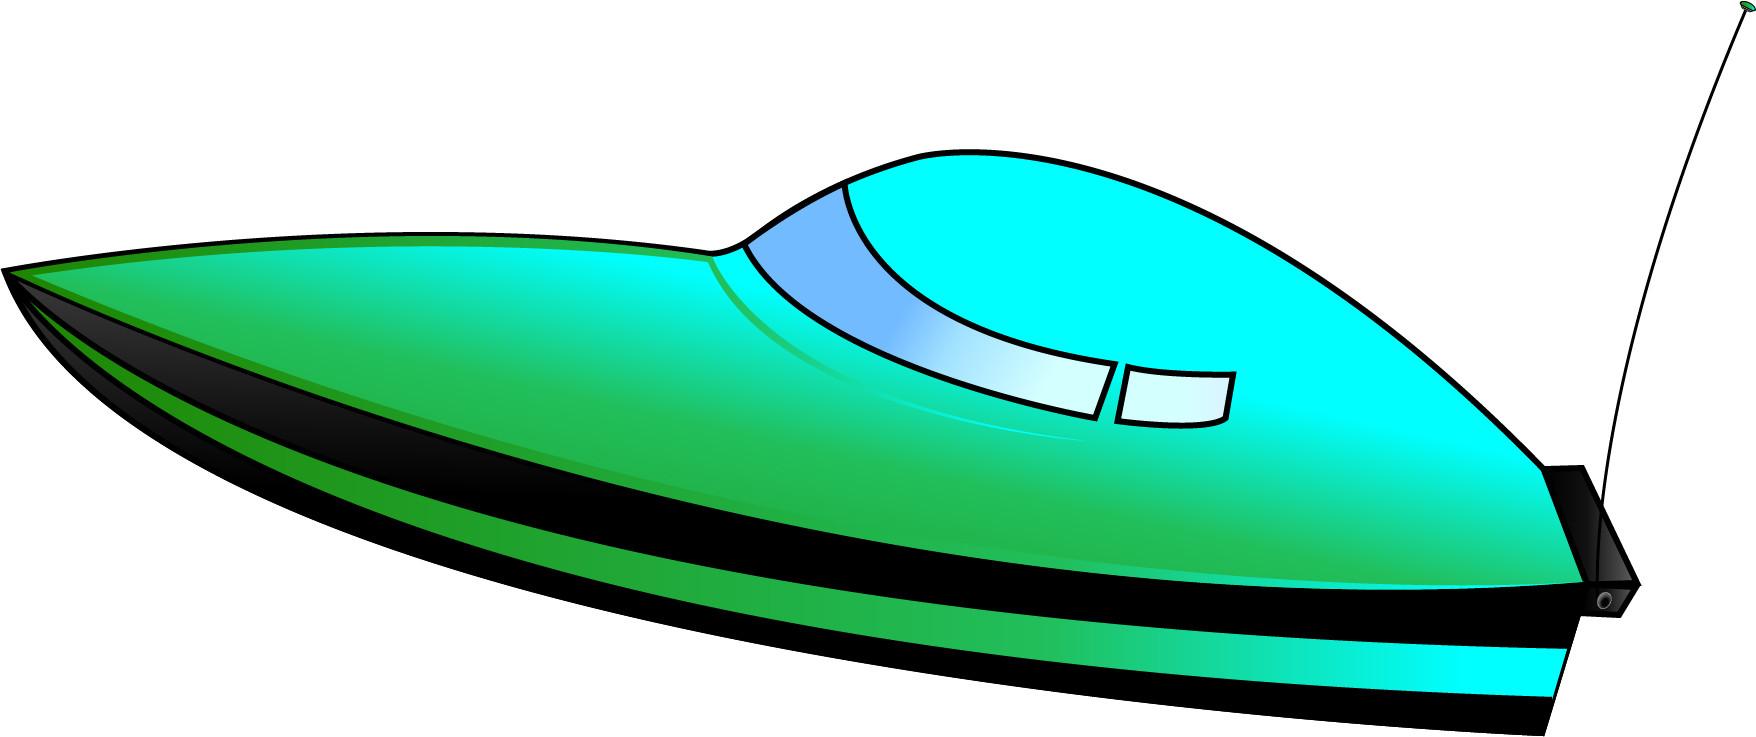 Antonio medina boat green